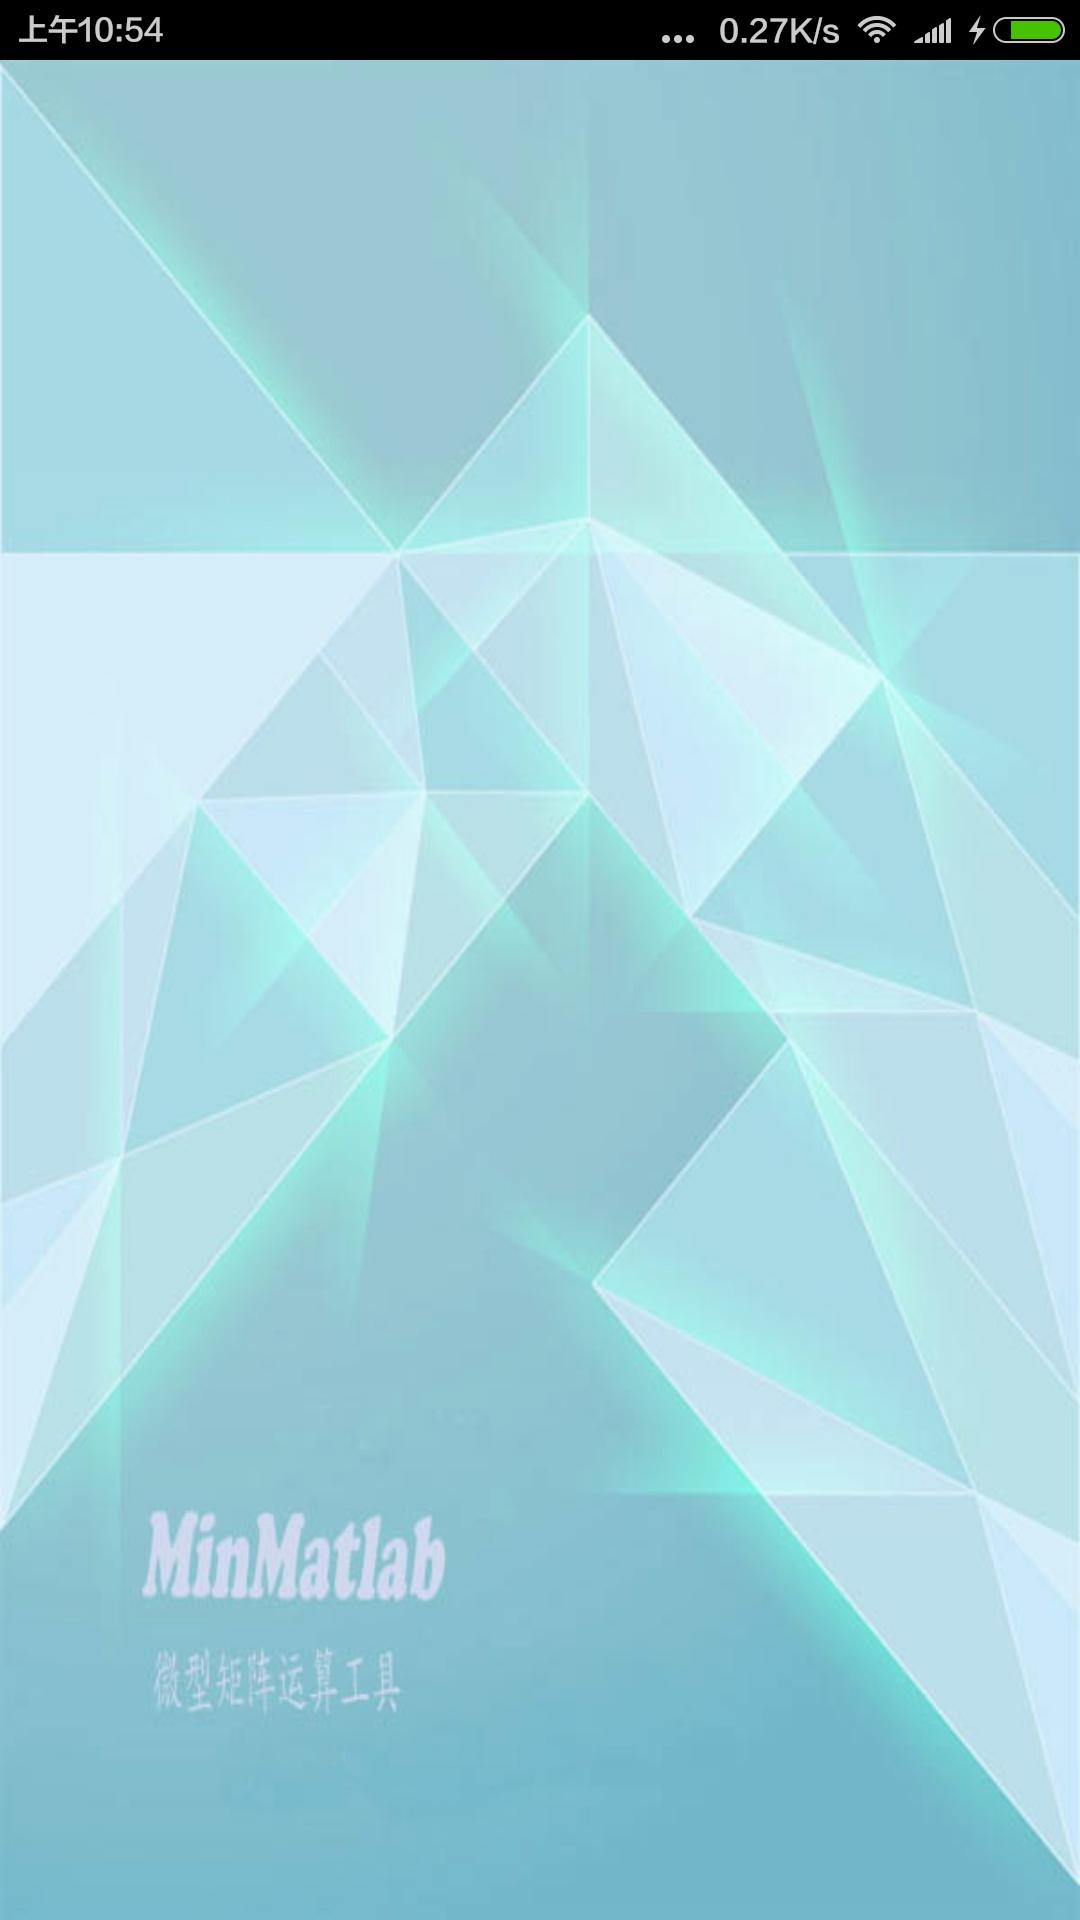 MinMatlab